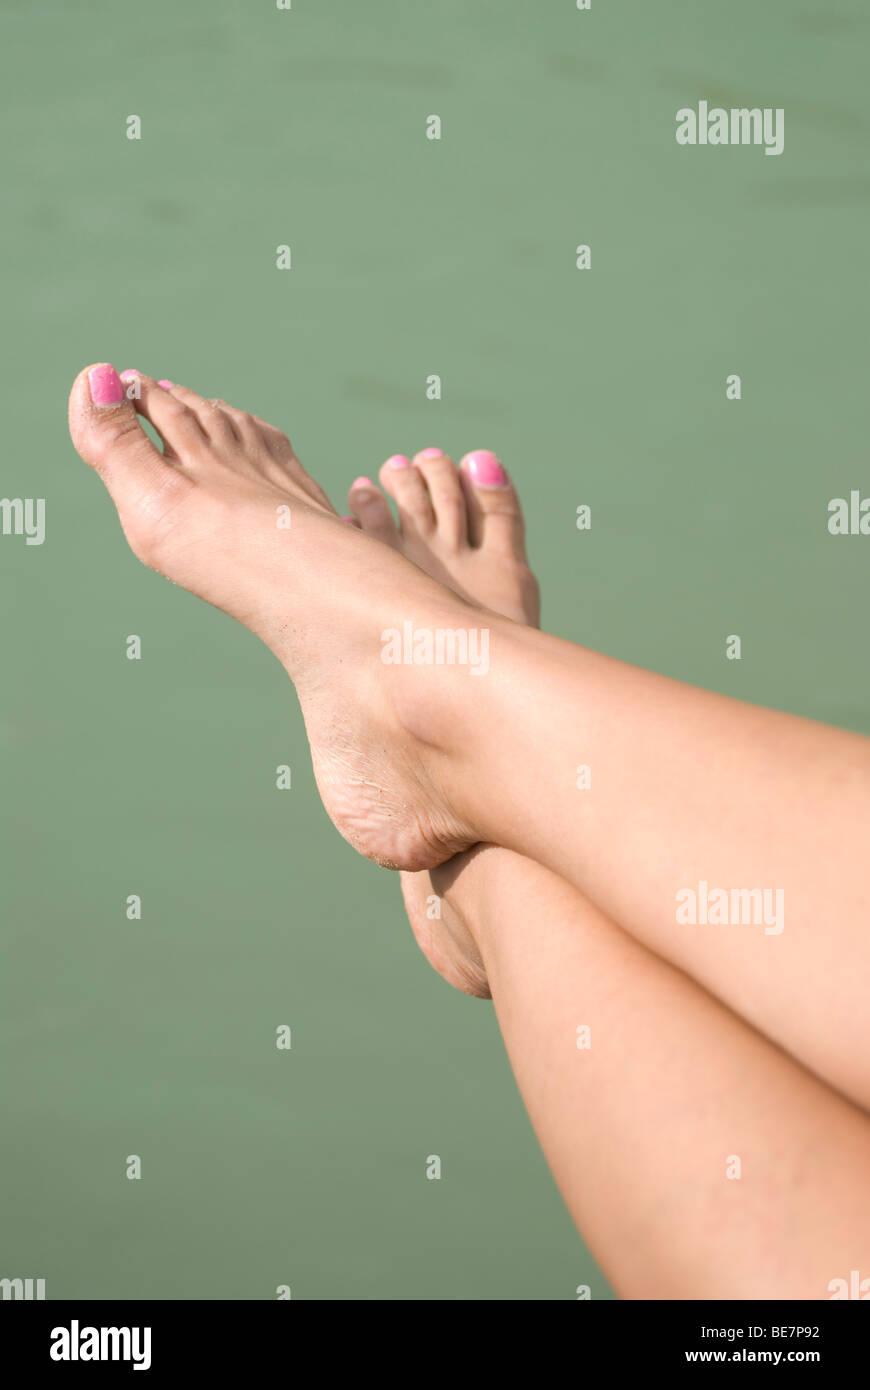 Las piernas de una mujer con esmalte de uñas de color rosa y verde ...